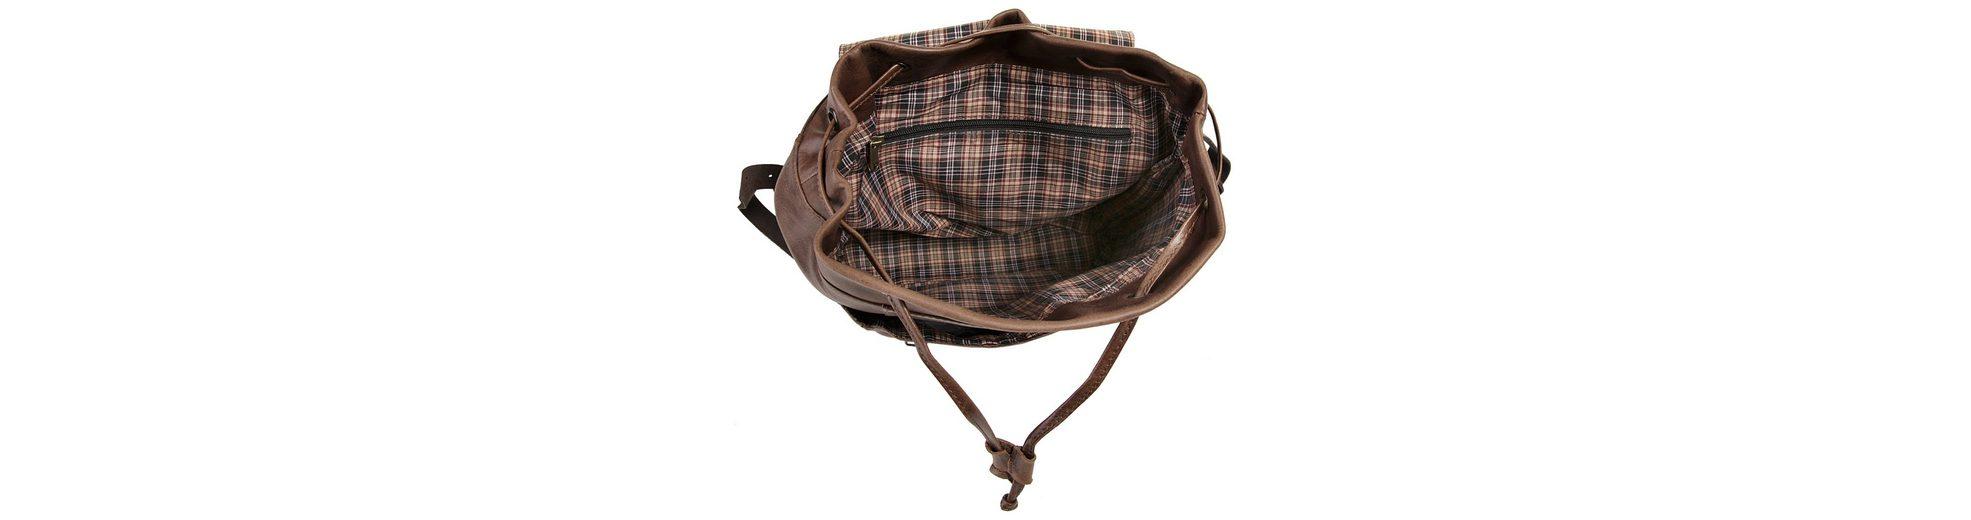 HAROLD'S Rucksack FLINT Verkauf Großhandelspreis sXRyZAO